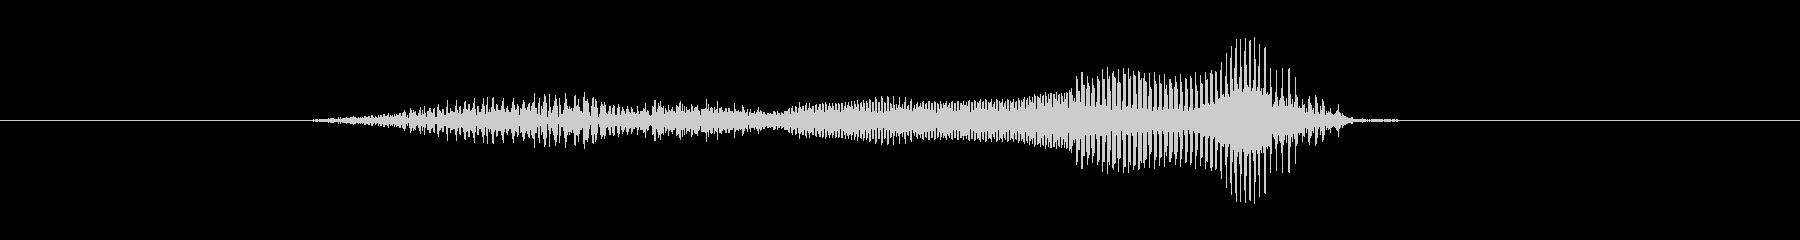 はじめ の未再生の波形